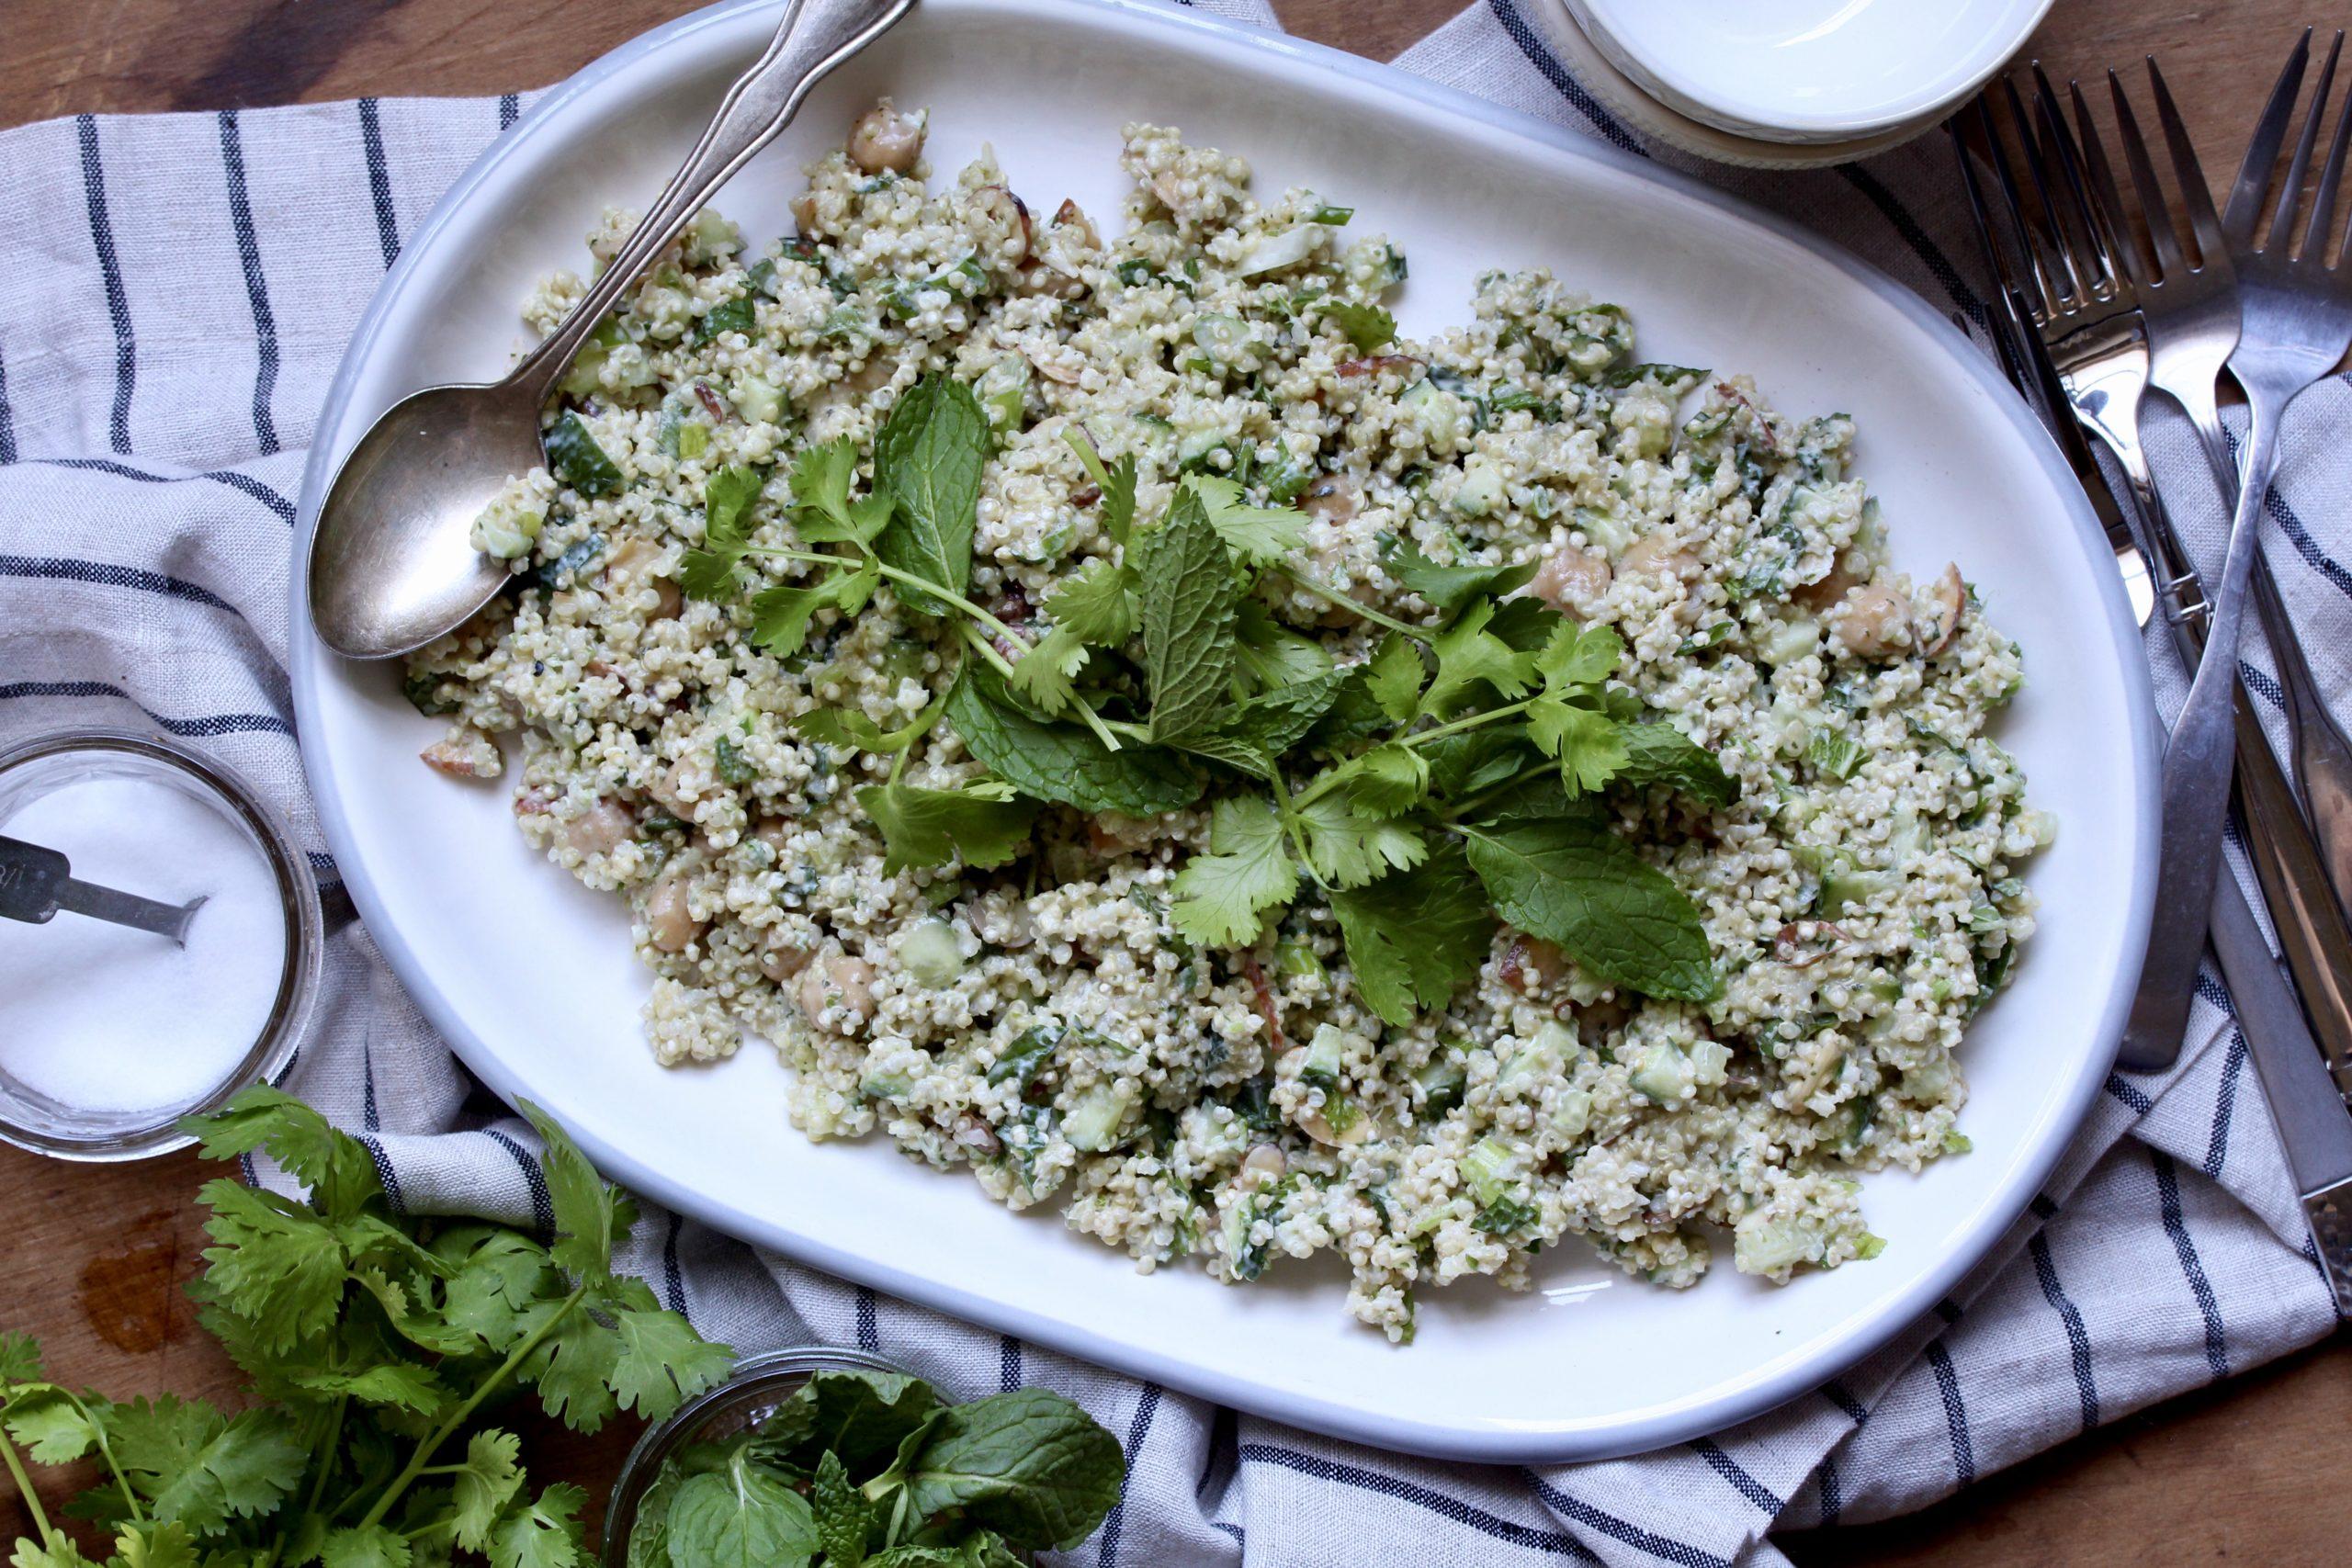 Cilantro-Mint Quinoa Salad | @cookinRD